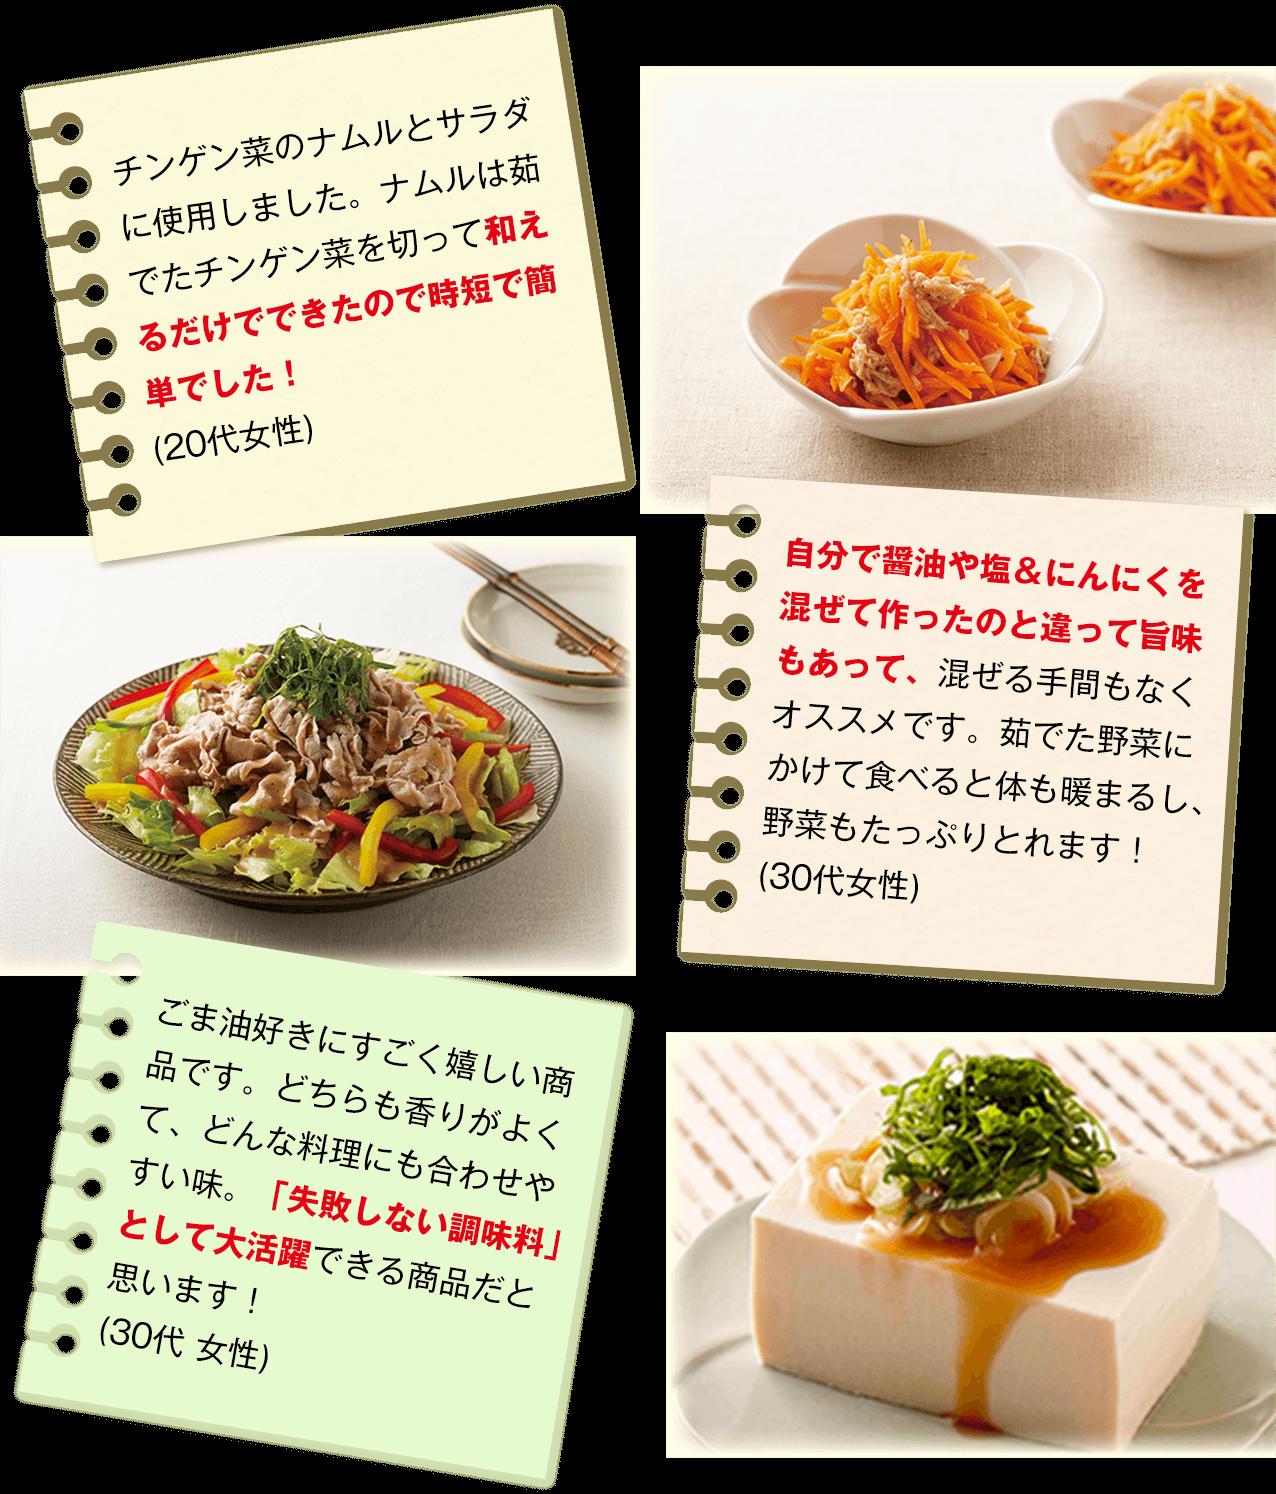 [チンゲン菜のナムルとサラダに使用しました。ナムルは茹でたチンゲン菜を切って和えるだけでできたので時短で簡単でした!(20代女性)]   [自分で醤油や塩&にんにくを混ぜて作ったのと違って旨味もあって、混ぜる手間もなくオススメです。茹でた野菜にかけて食べると体も暖まるし、野菜もたっぷりとれます!(30代女性)]   [ごま油好きにすごく嬉しい商品です。どちらも香りがよくて、どんな料理にも合わせやすい味。「失敗しない調味料」として大活躍できる商品だと思います! (30代 女性)]